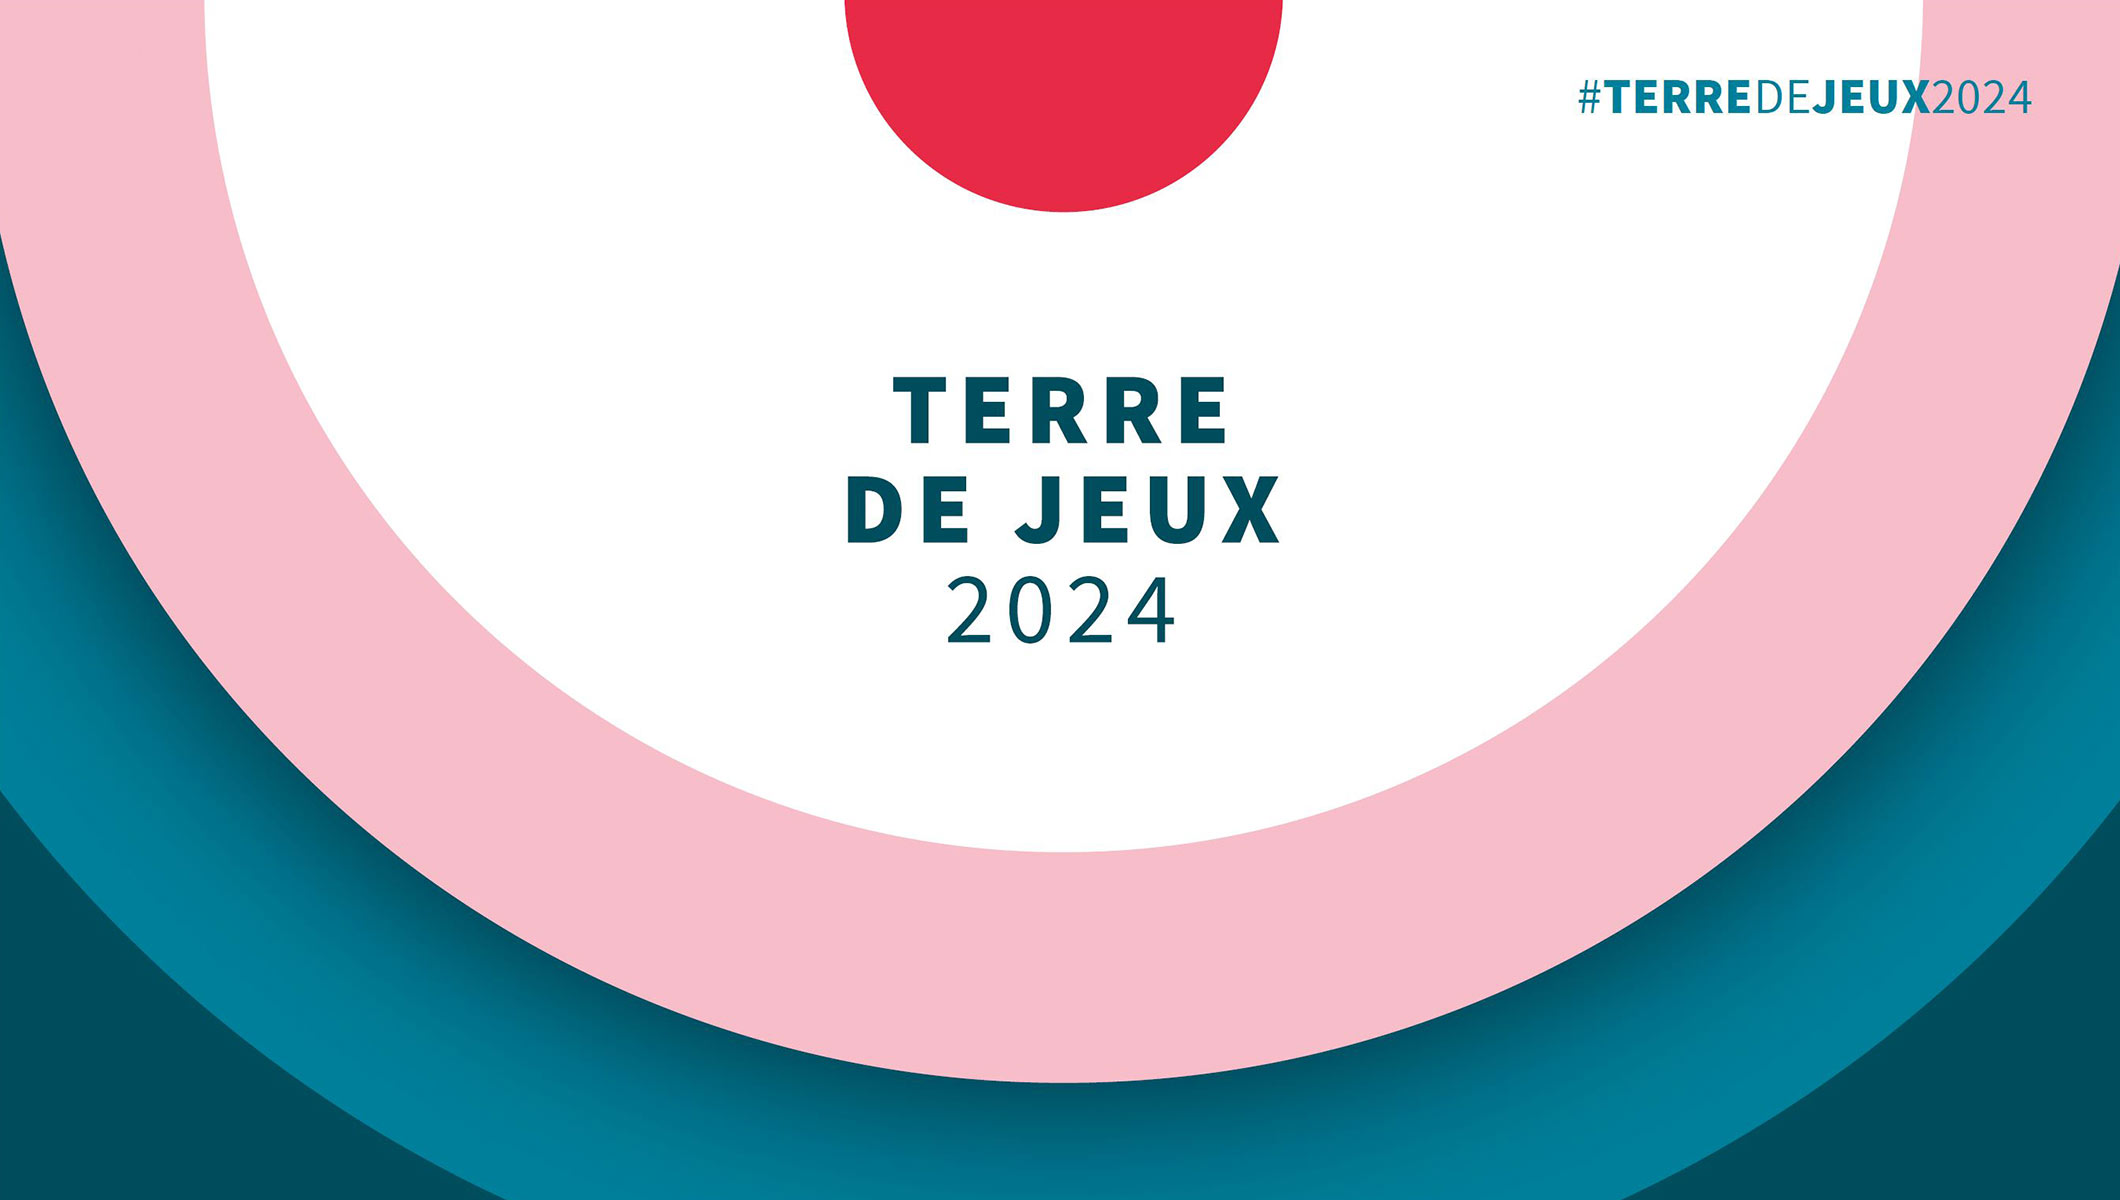 TERRE DE JEUX 2024 VISUEL @ TERRE DE JEUX.FR